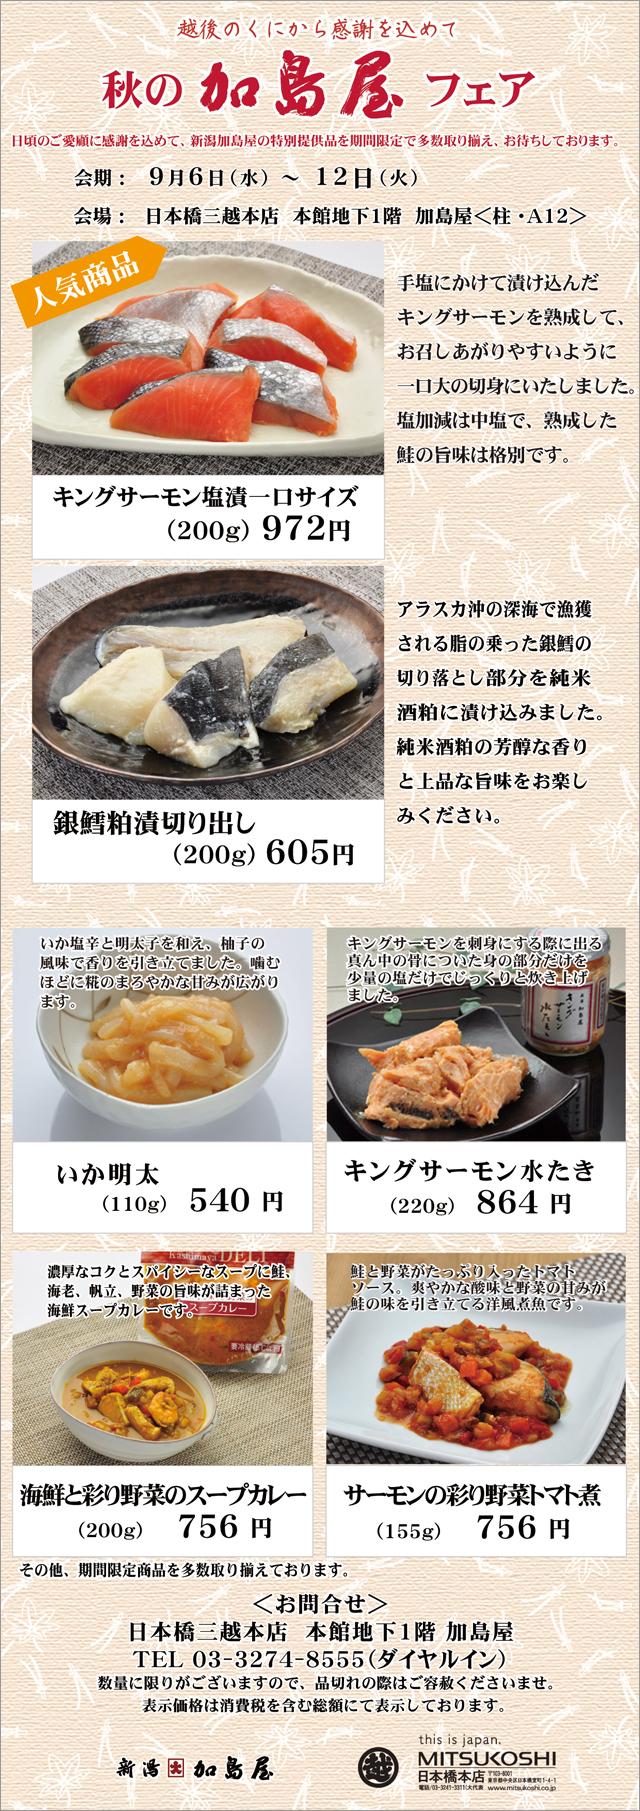 日本橋三越本店「秋の加島屋フェア」